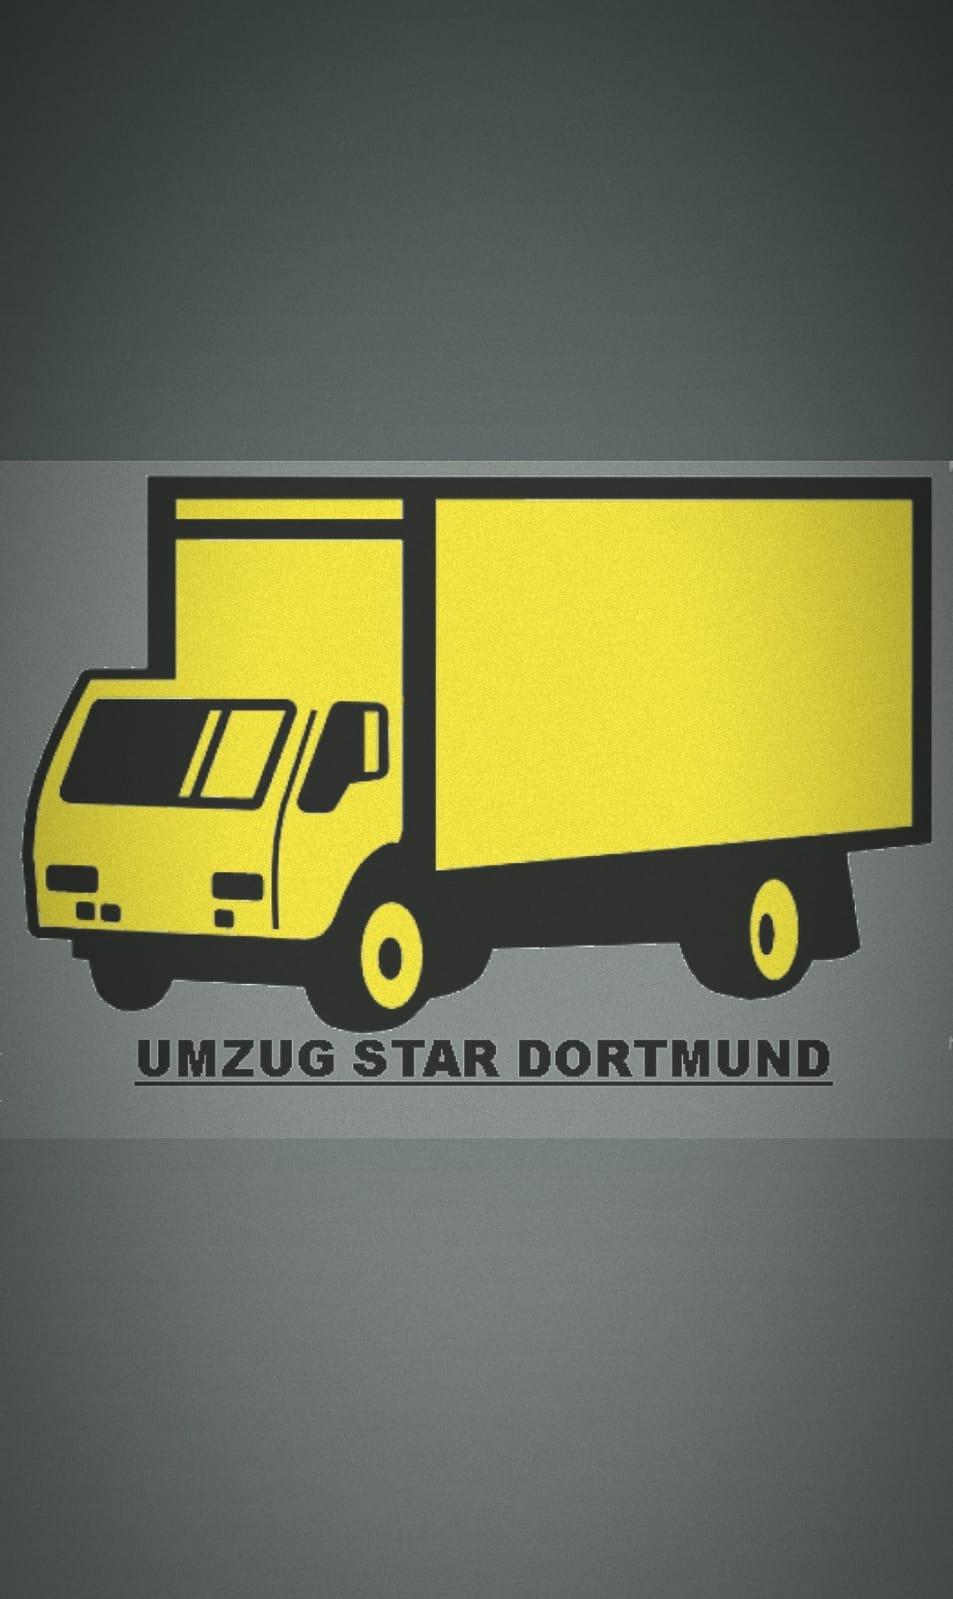 Umzug Star Dortmund